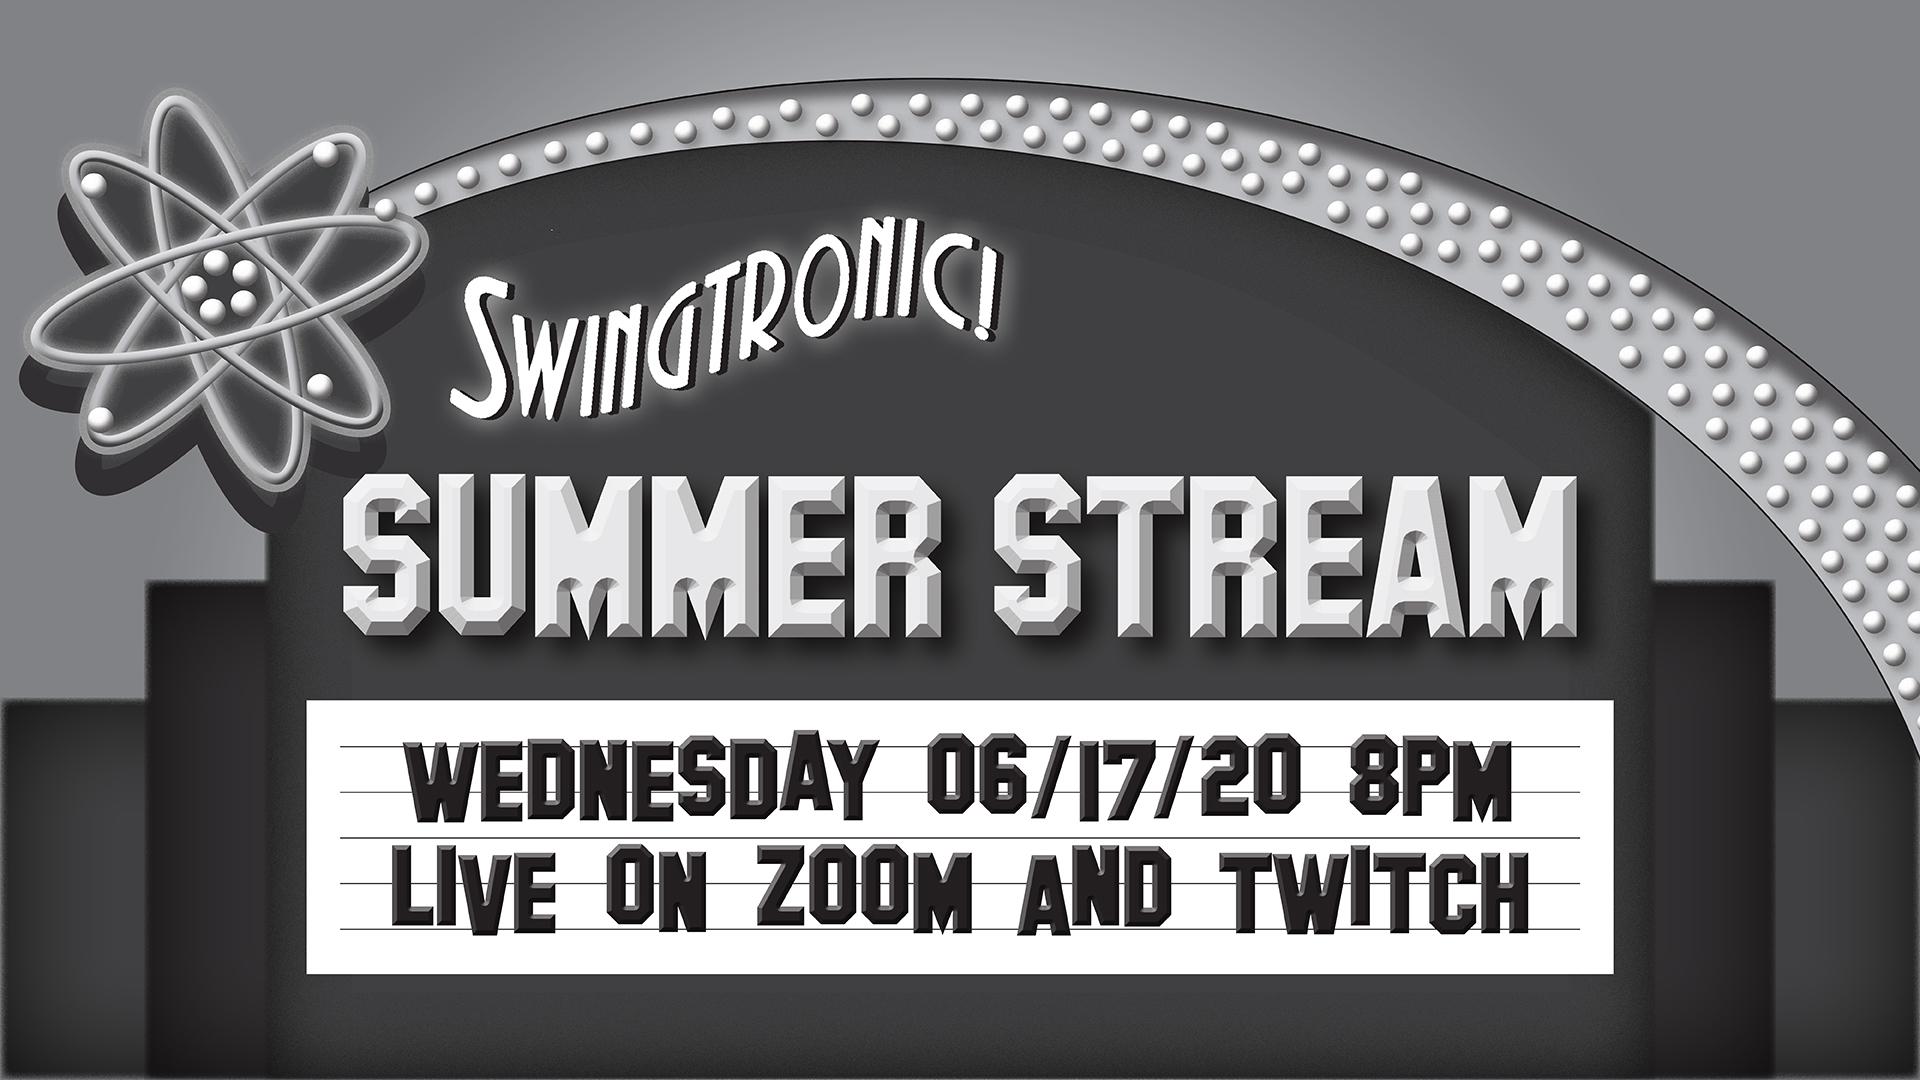 Swintronic_SummerStream(FB1920x1080)_01.